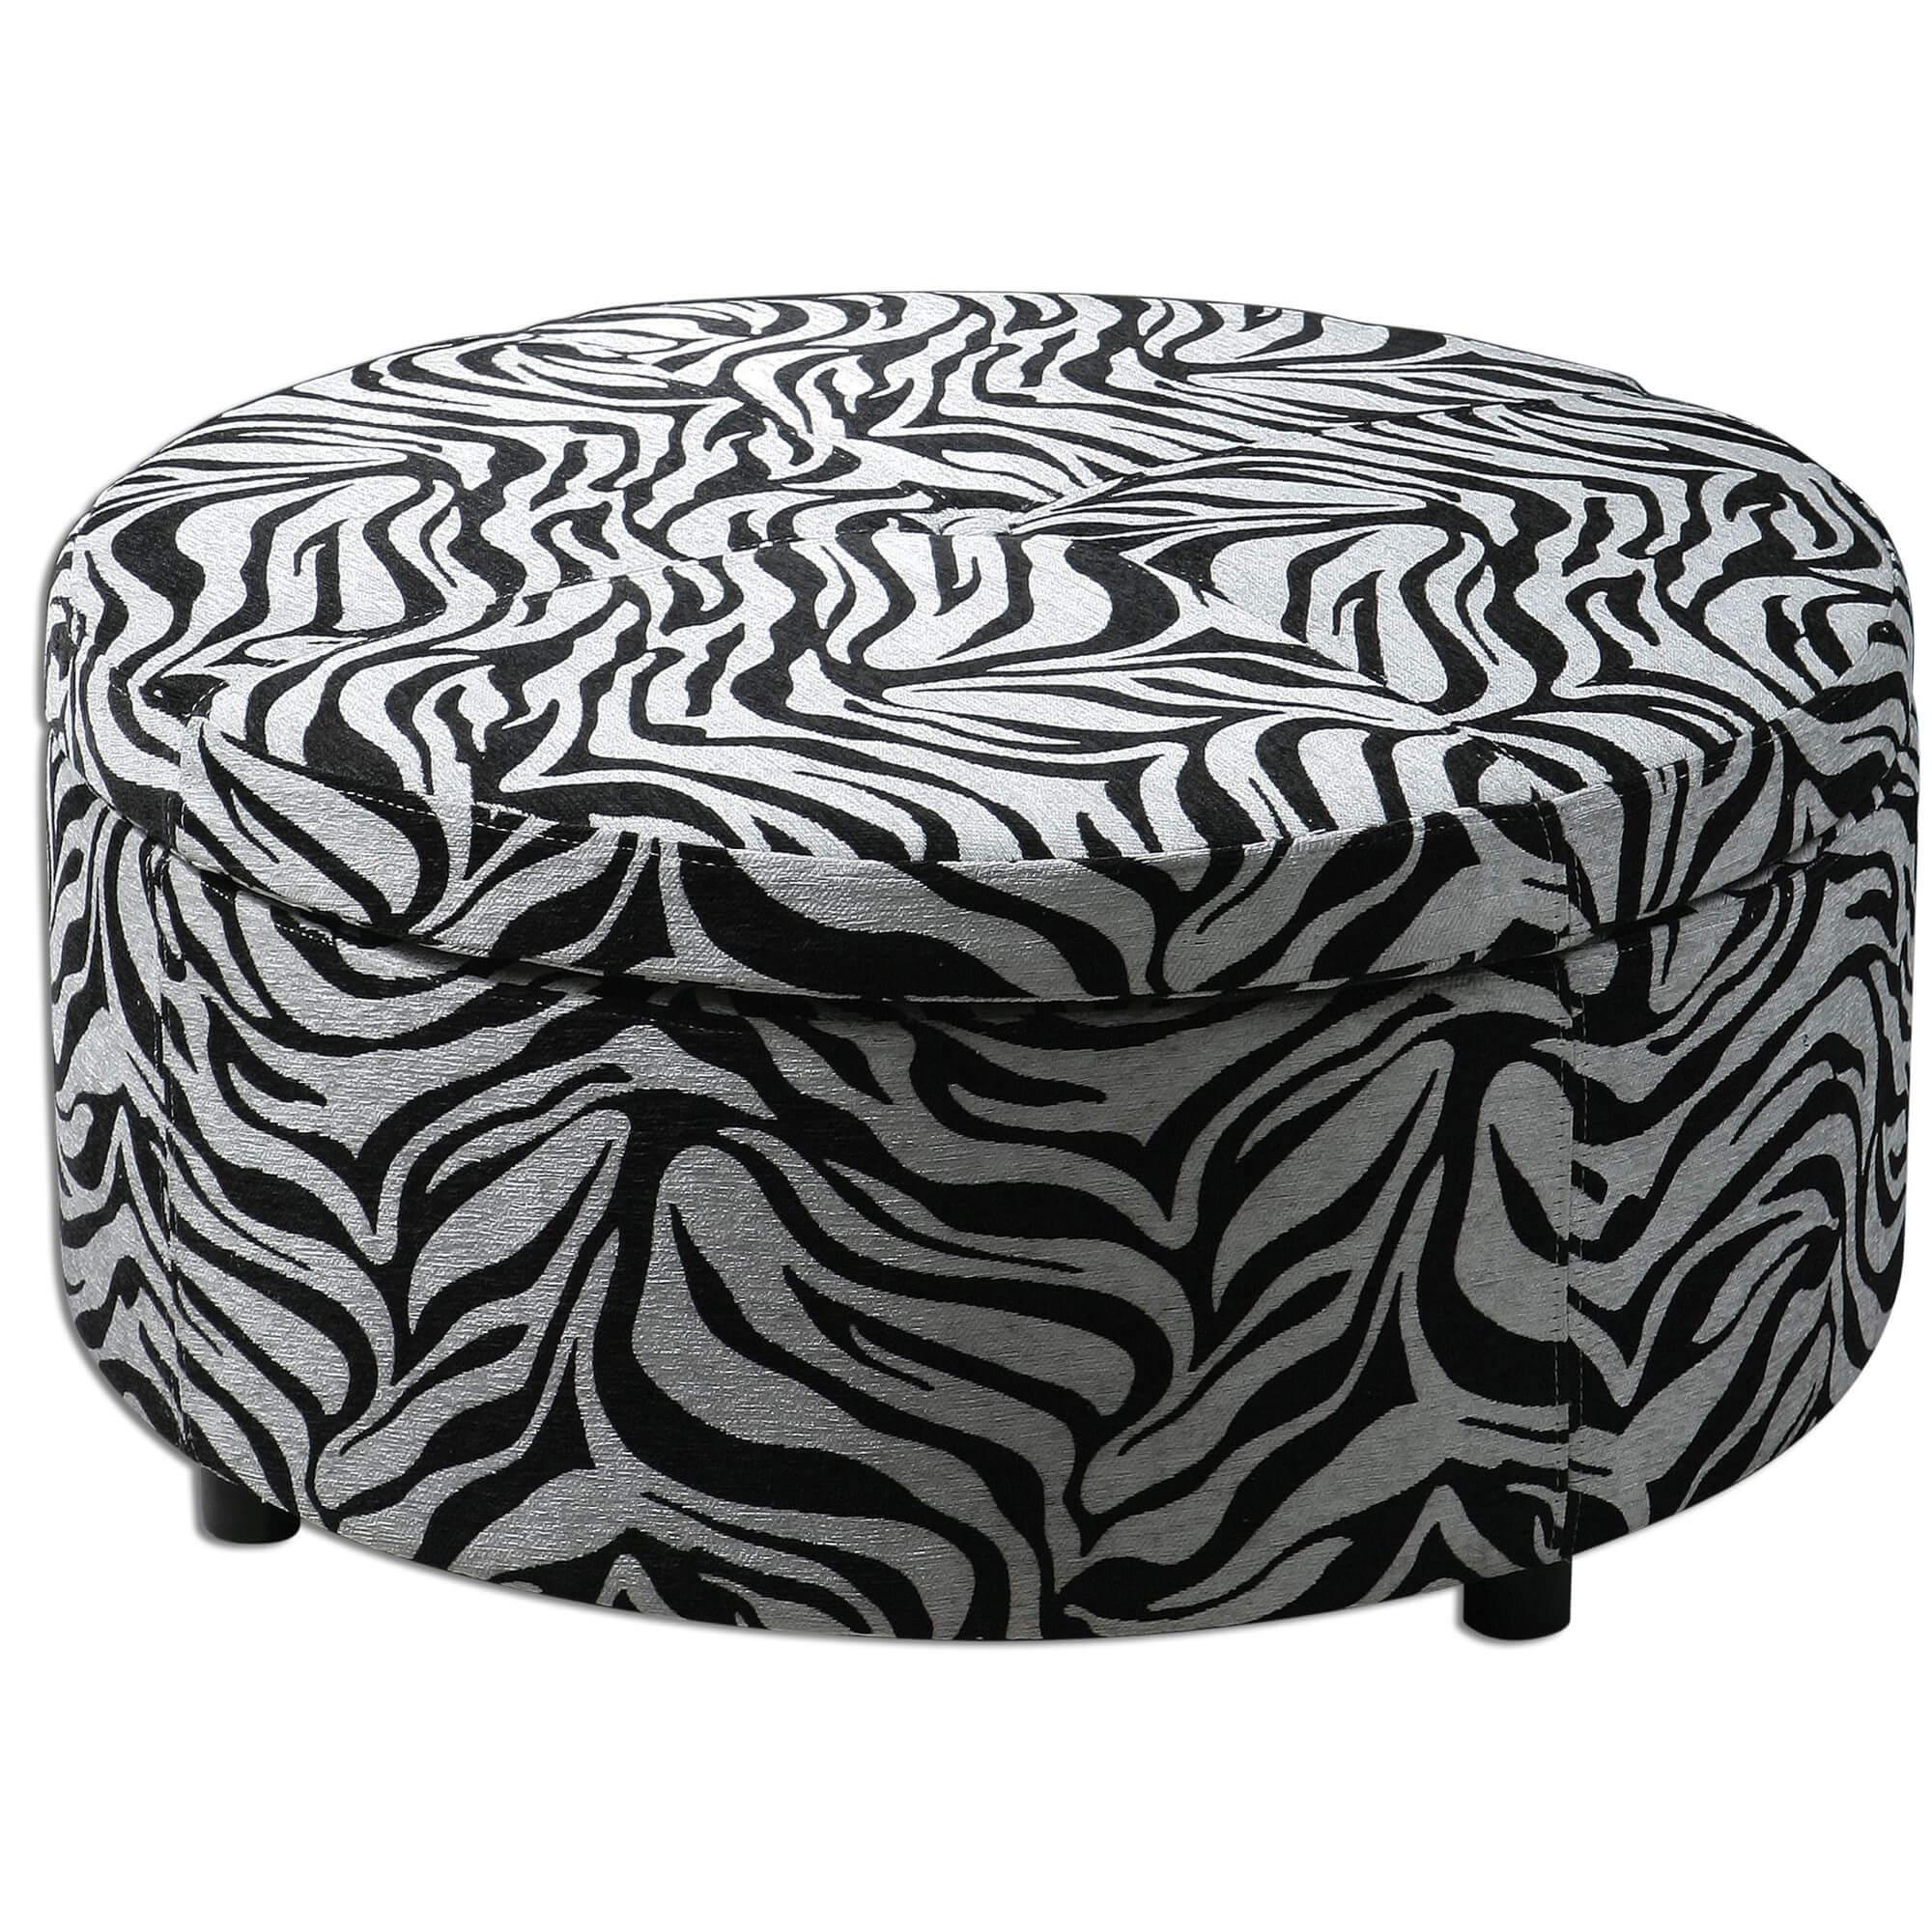 Round Zebra Print Ottoman